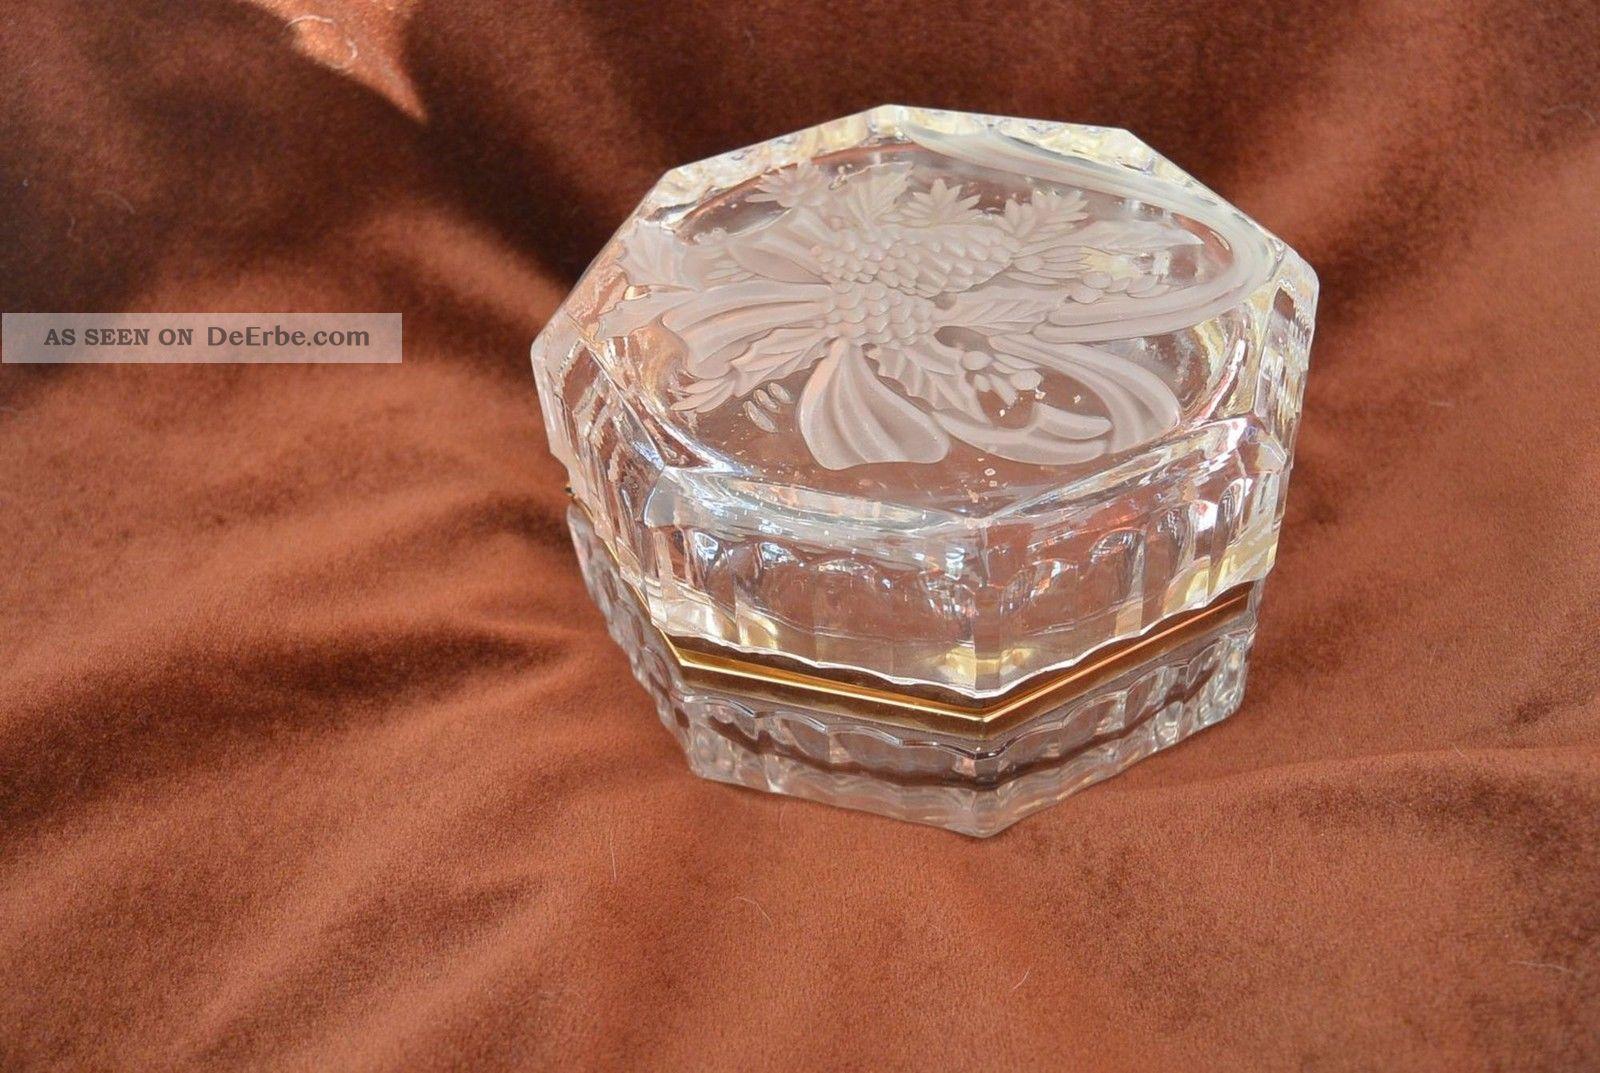 Bleikristall Konfektschale Deckeldose Klappbar Scharnier Messing Kristall Bild